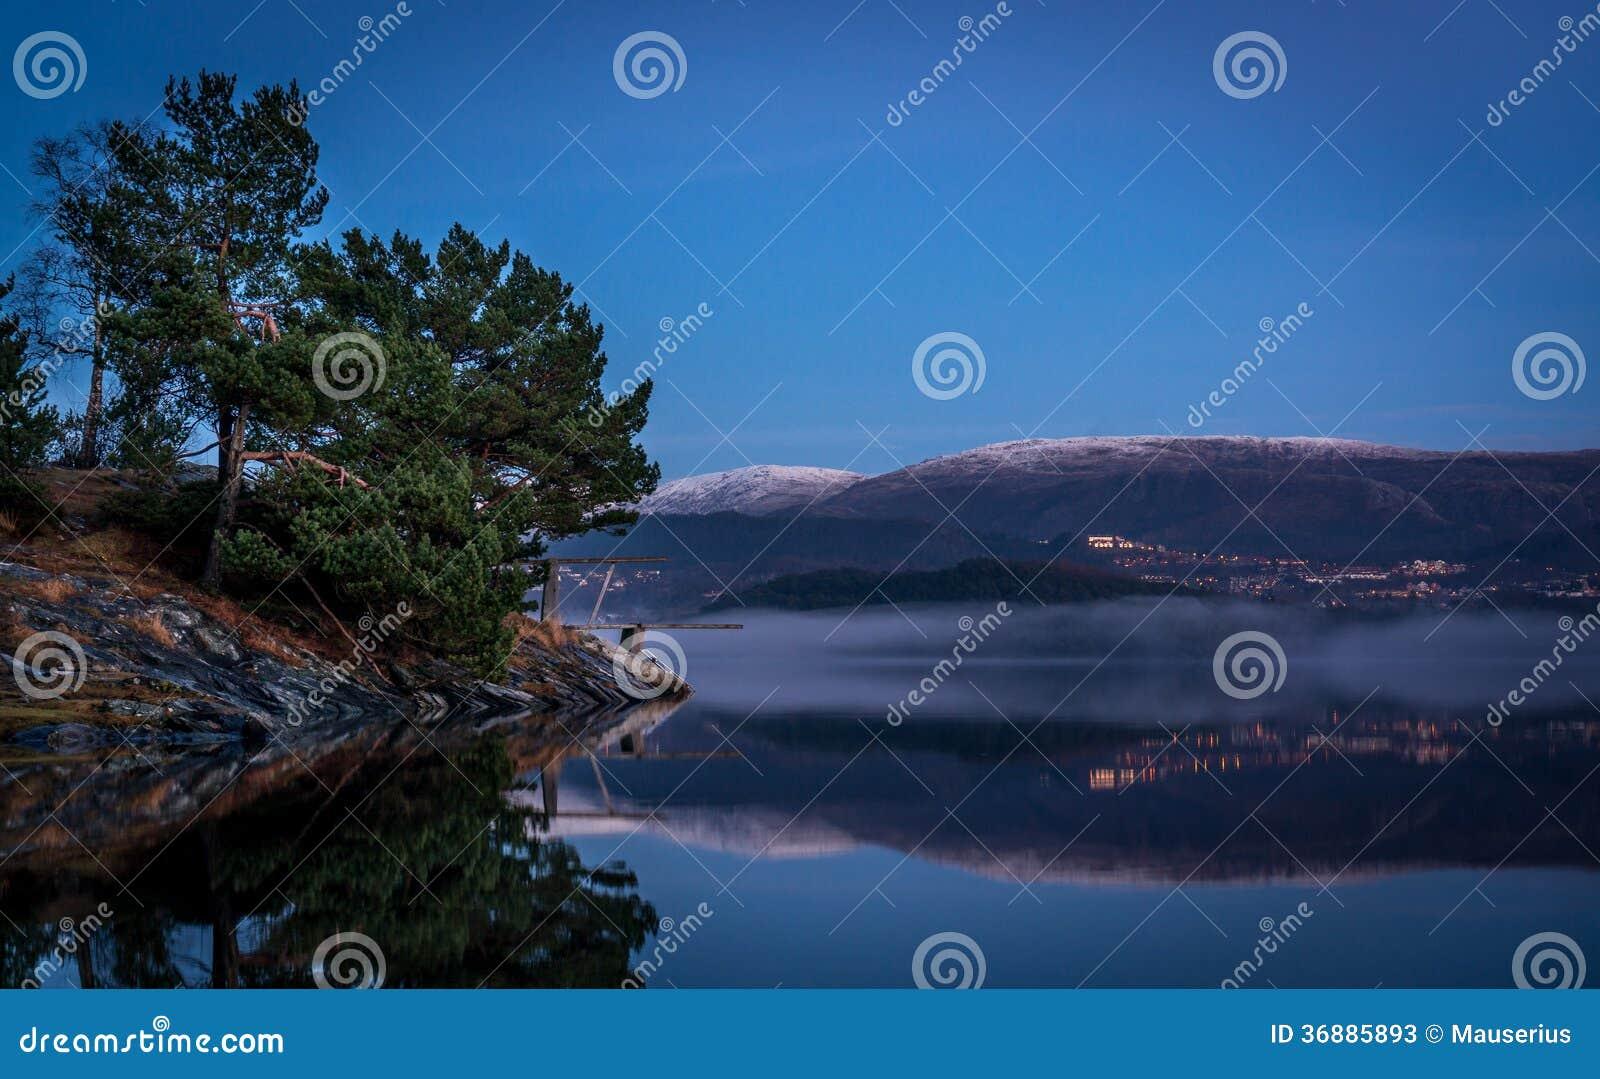 Download Tempo di dormire immagine stock. Immagine di alberi, bergen - 36885893